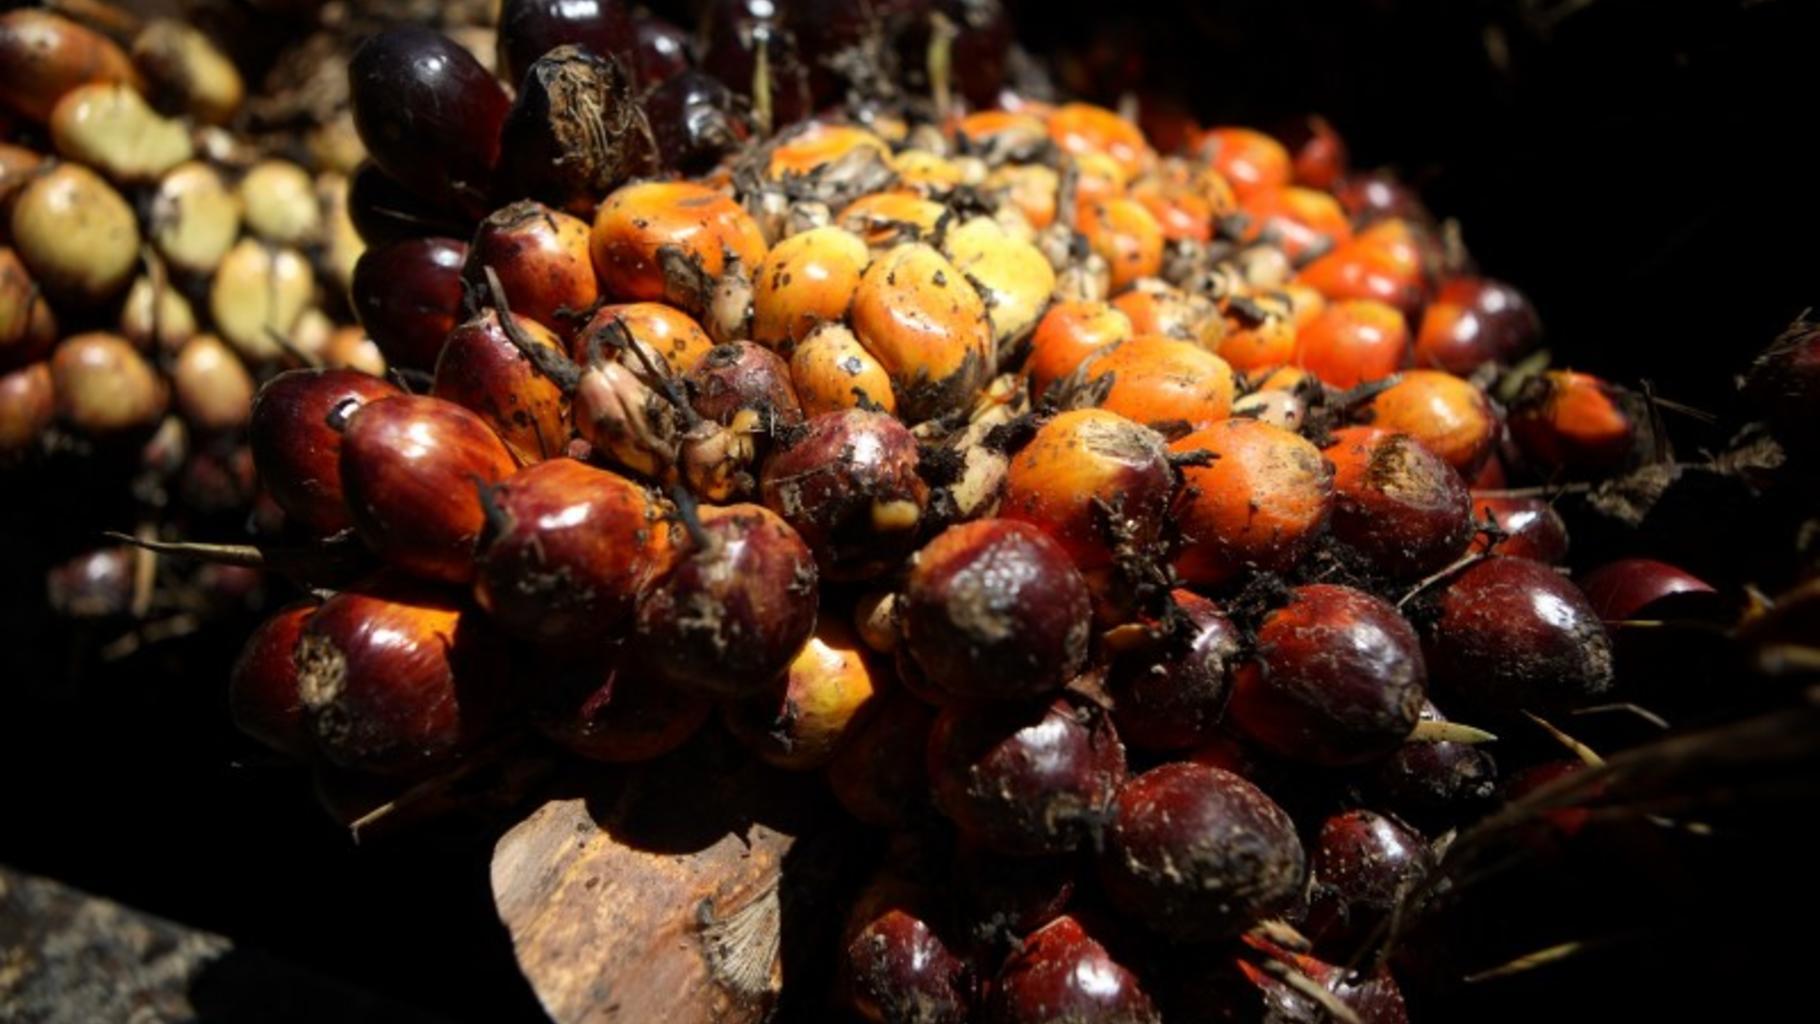 Früchte der Ölpalme - Rohstoff für Biosprit